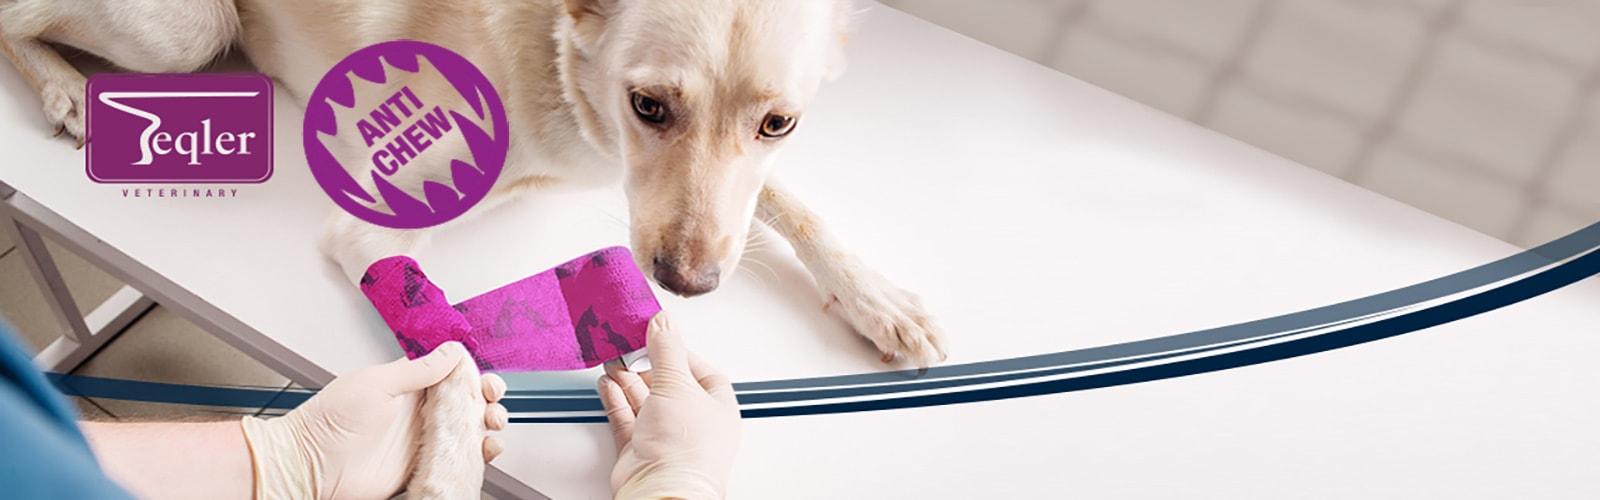 Bandaż samoprzylepny dla zwierząt